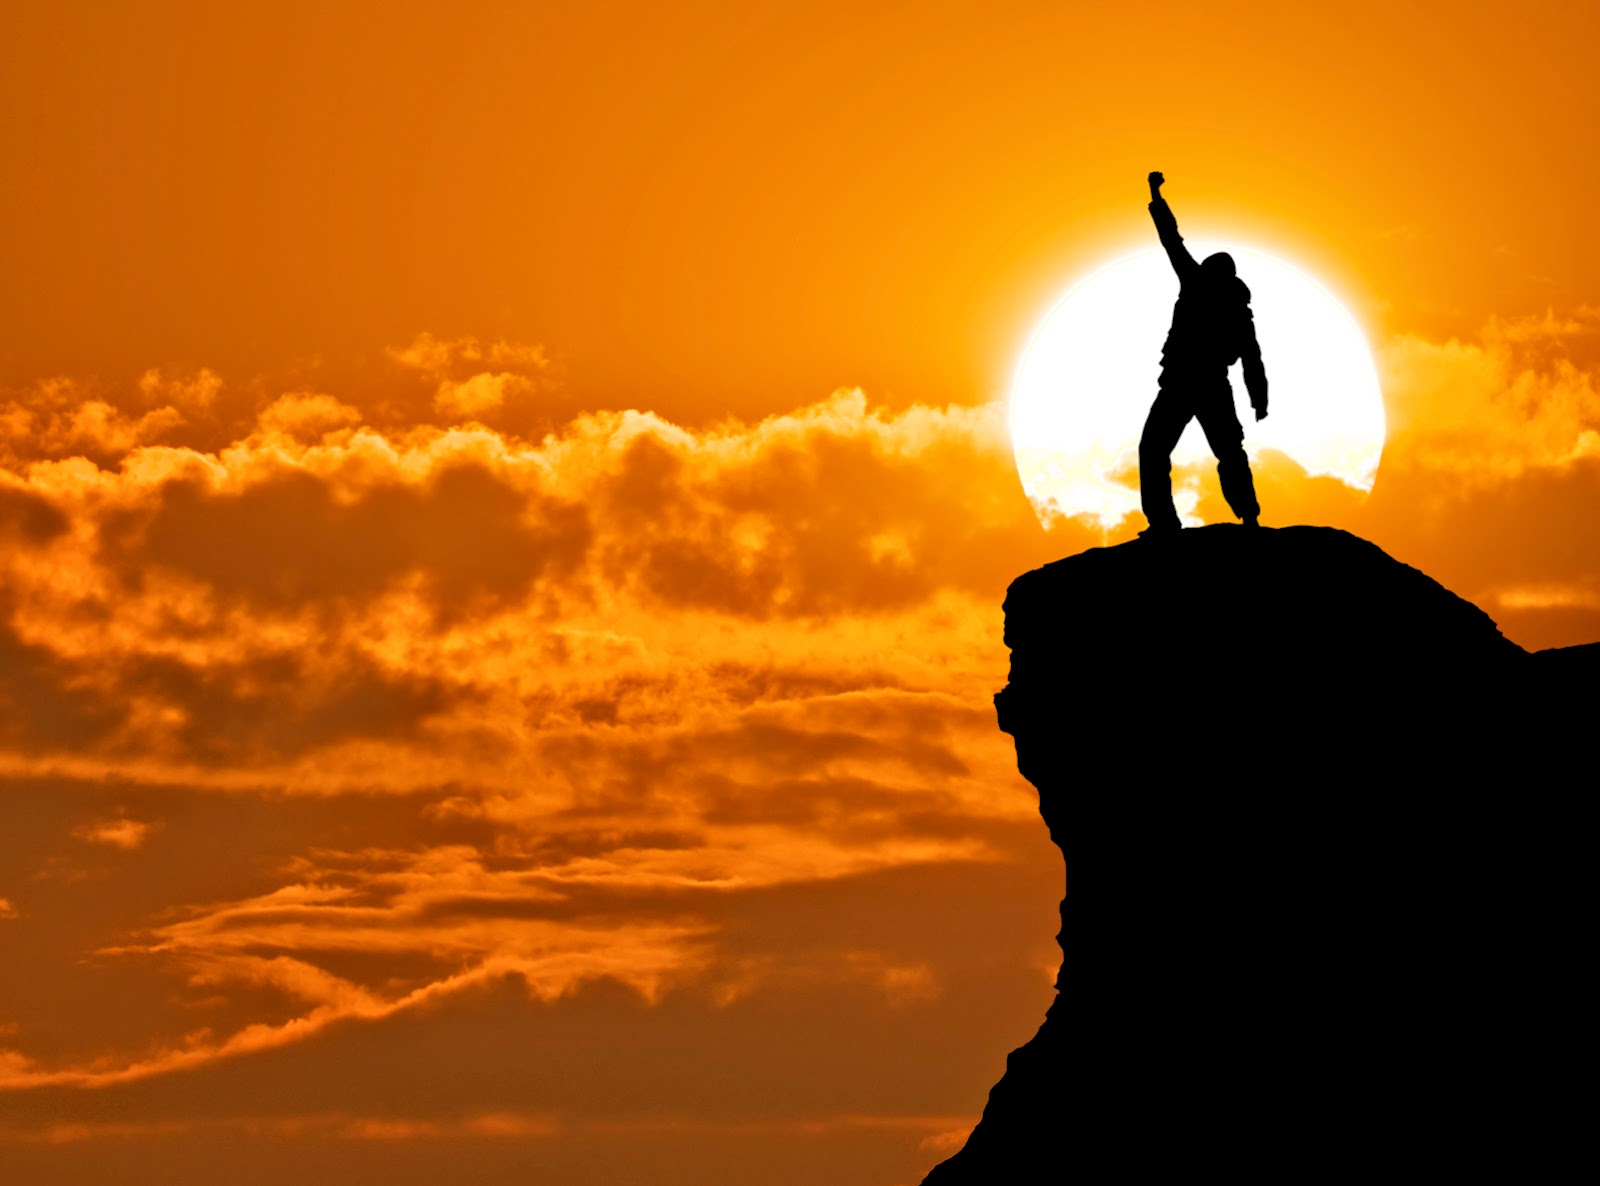 ... như lẽ thường của cuộc sống. Họ luôn có niềm tin vào một viễn cảnh tươi sáng và sẵn sàng đương đầu, thách thức với chúng và quyết tâm phải vượt qua.